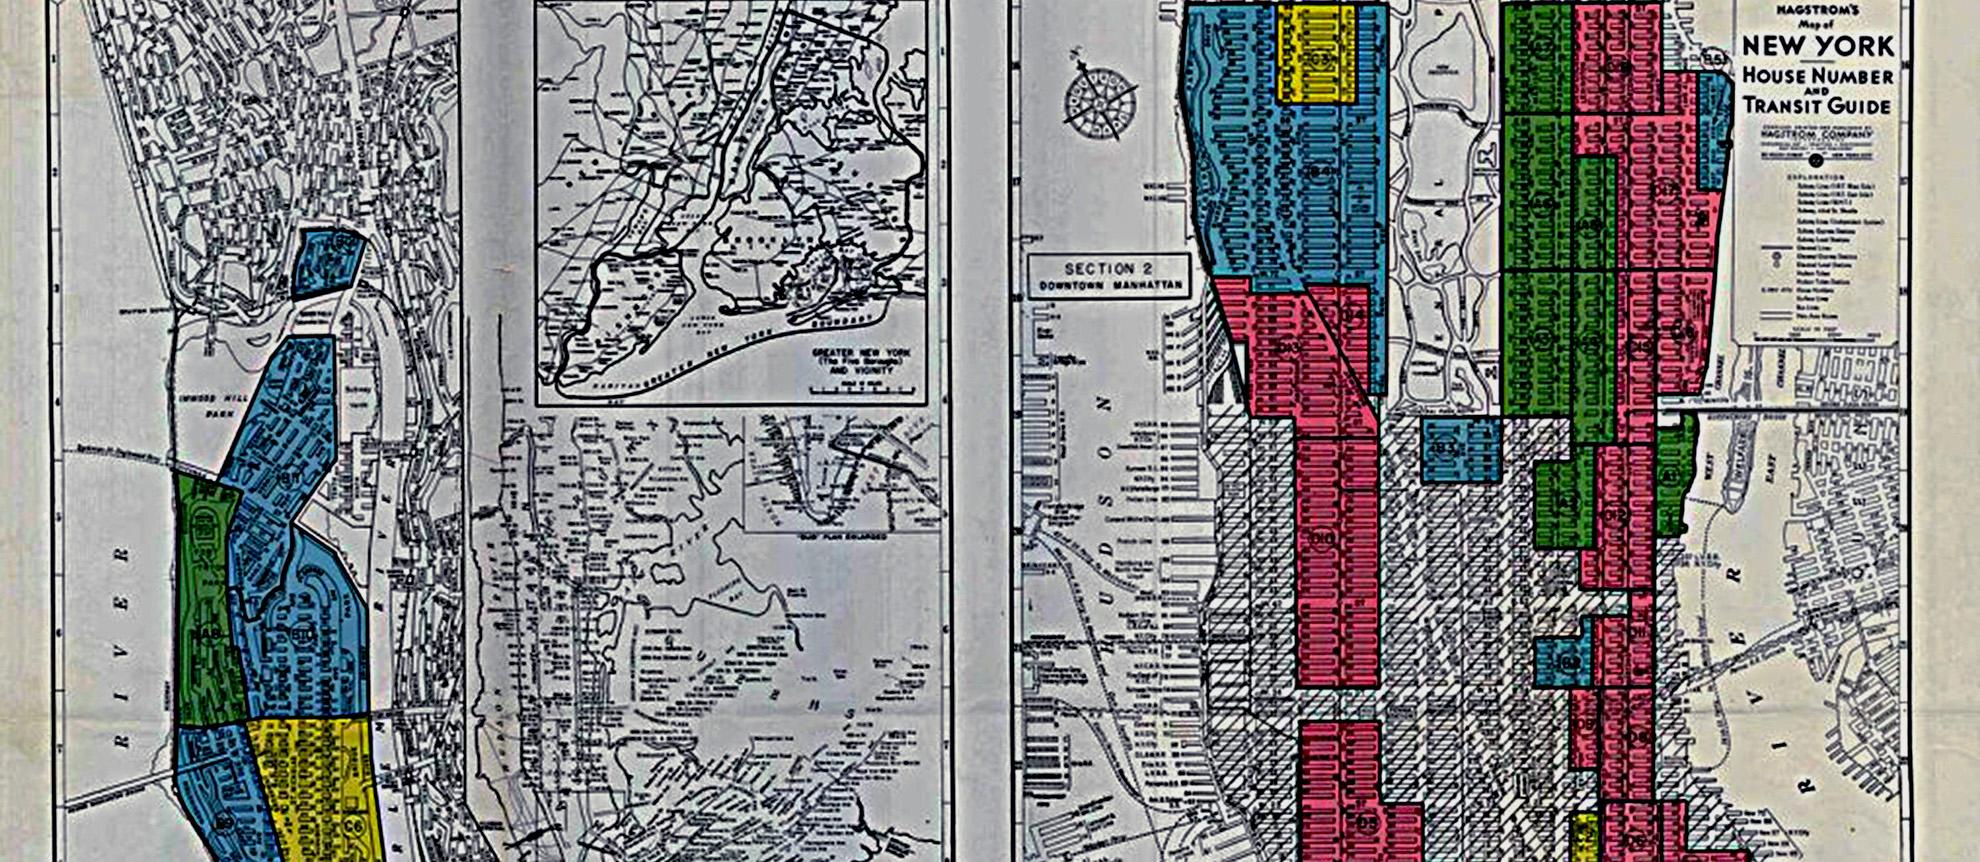 Vintage redlining map of New York City